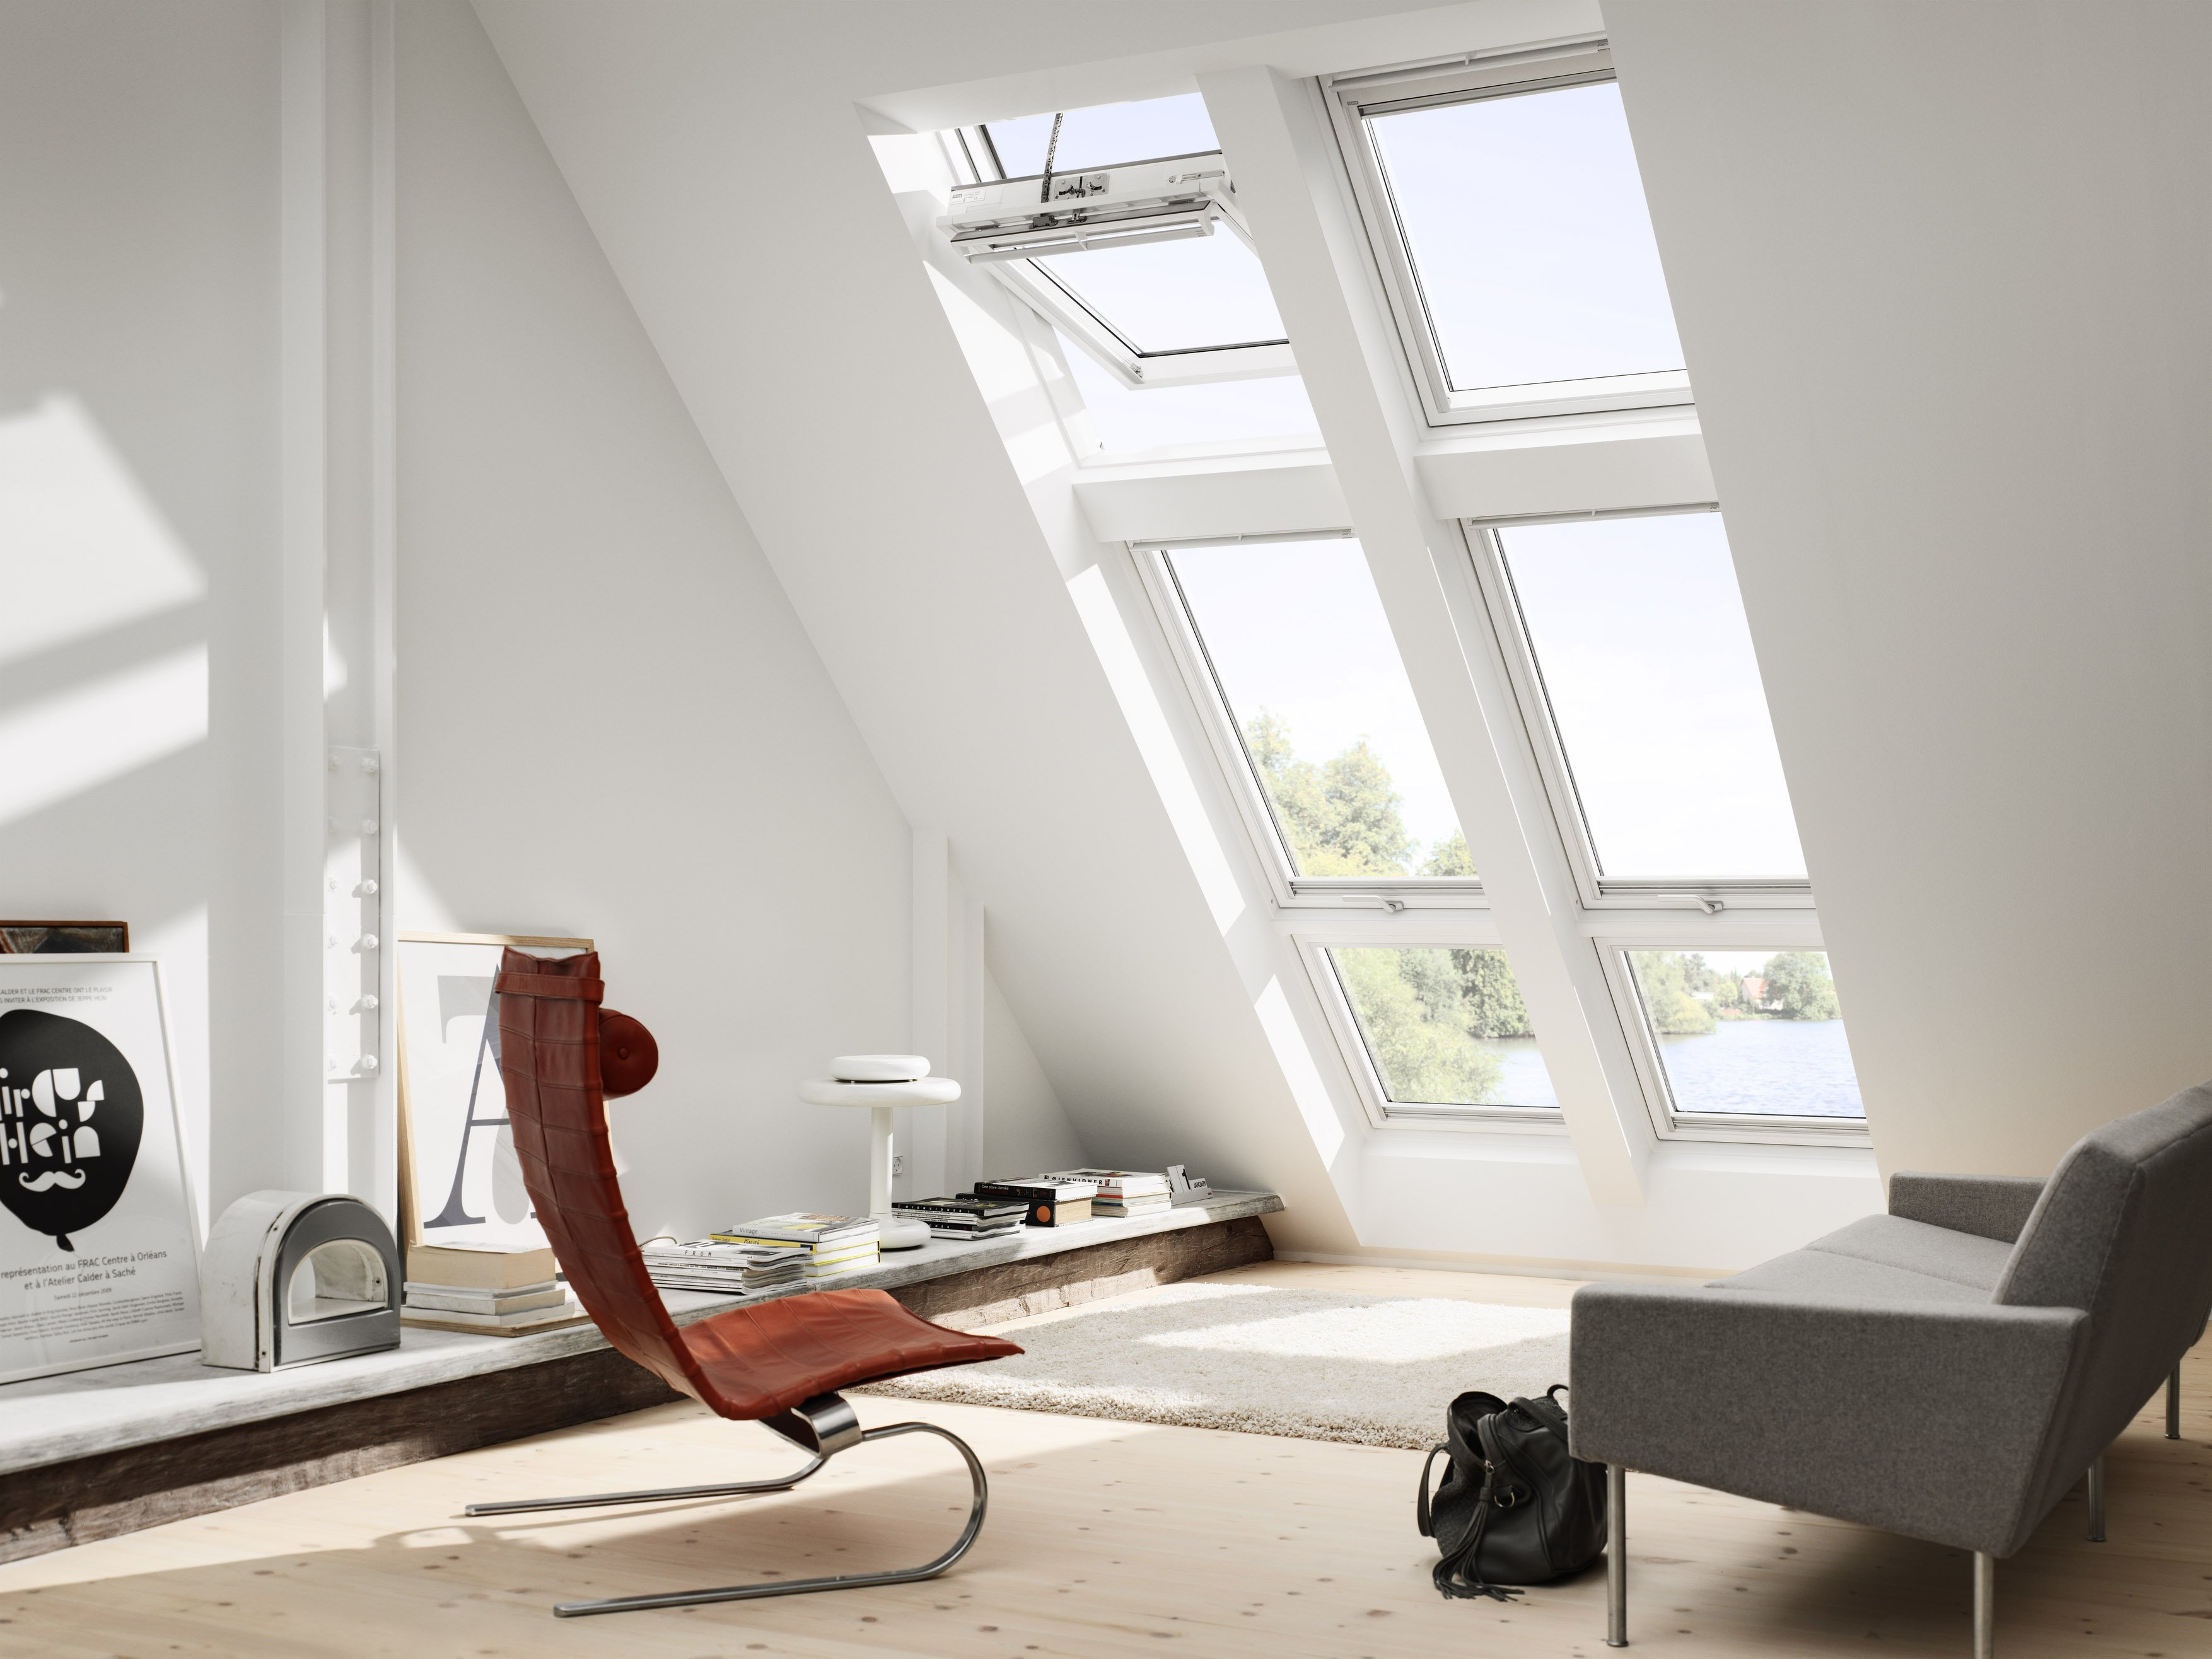 Finestre per tetti piani o a falda cose di casa for Finestre velux per tetti